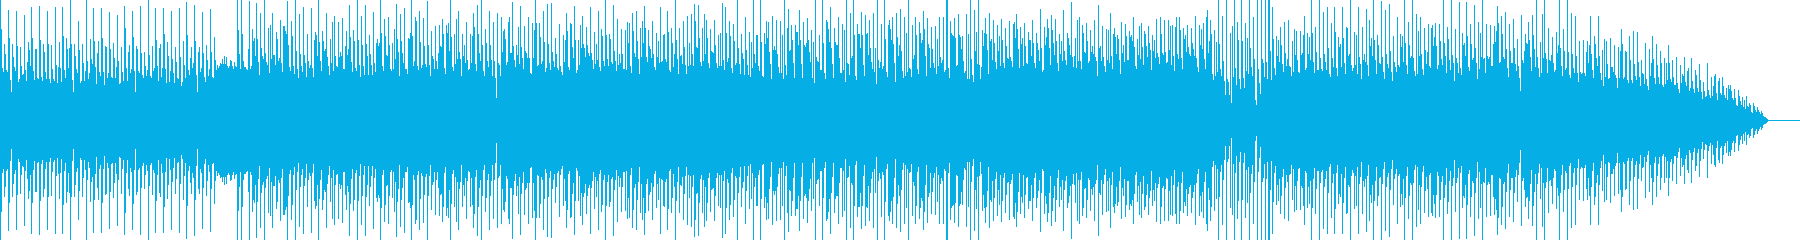 リサイクルショップに適した曲の再生済みの波形